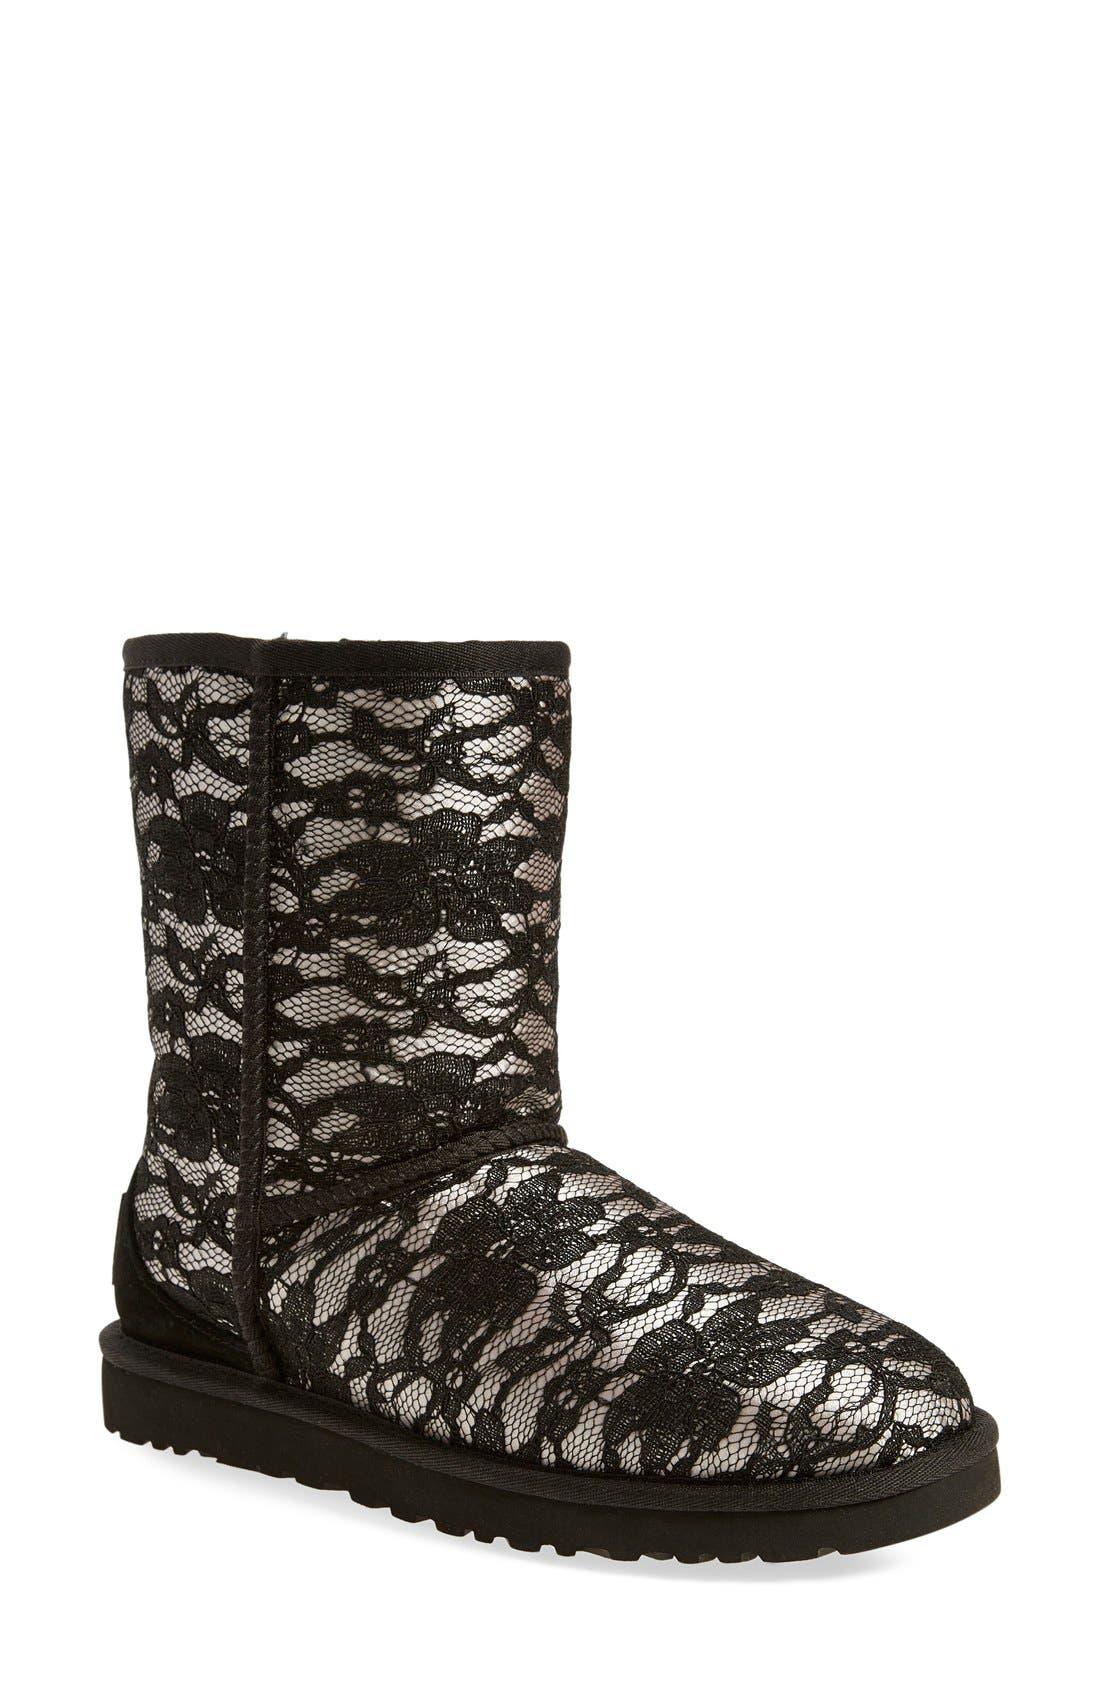 Alternate Image 1 Selected - UGG® 'Classic Short Antoinette' Boot (Women)